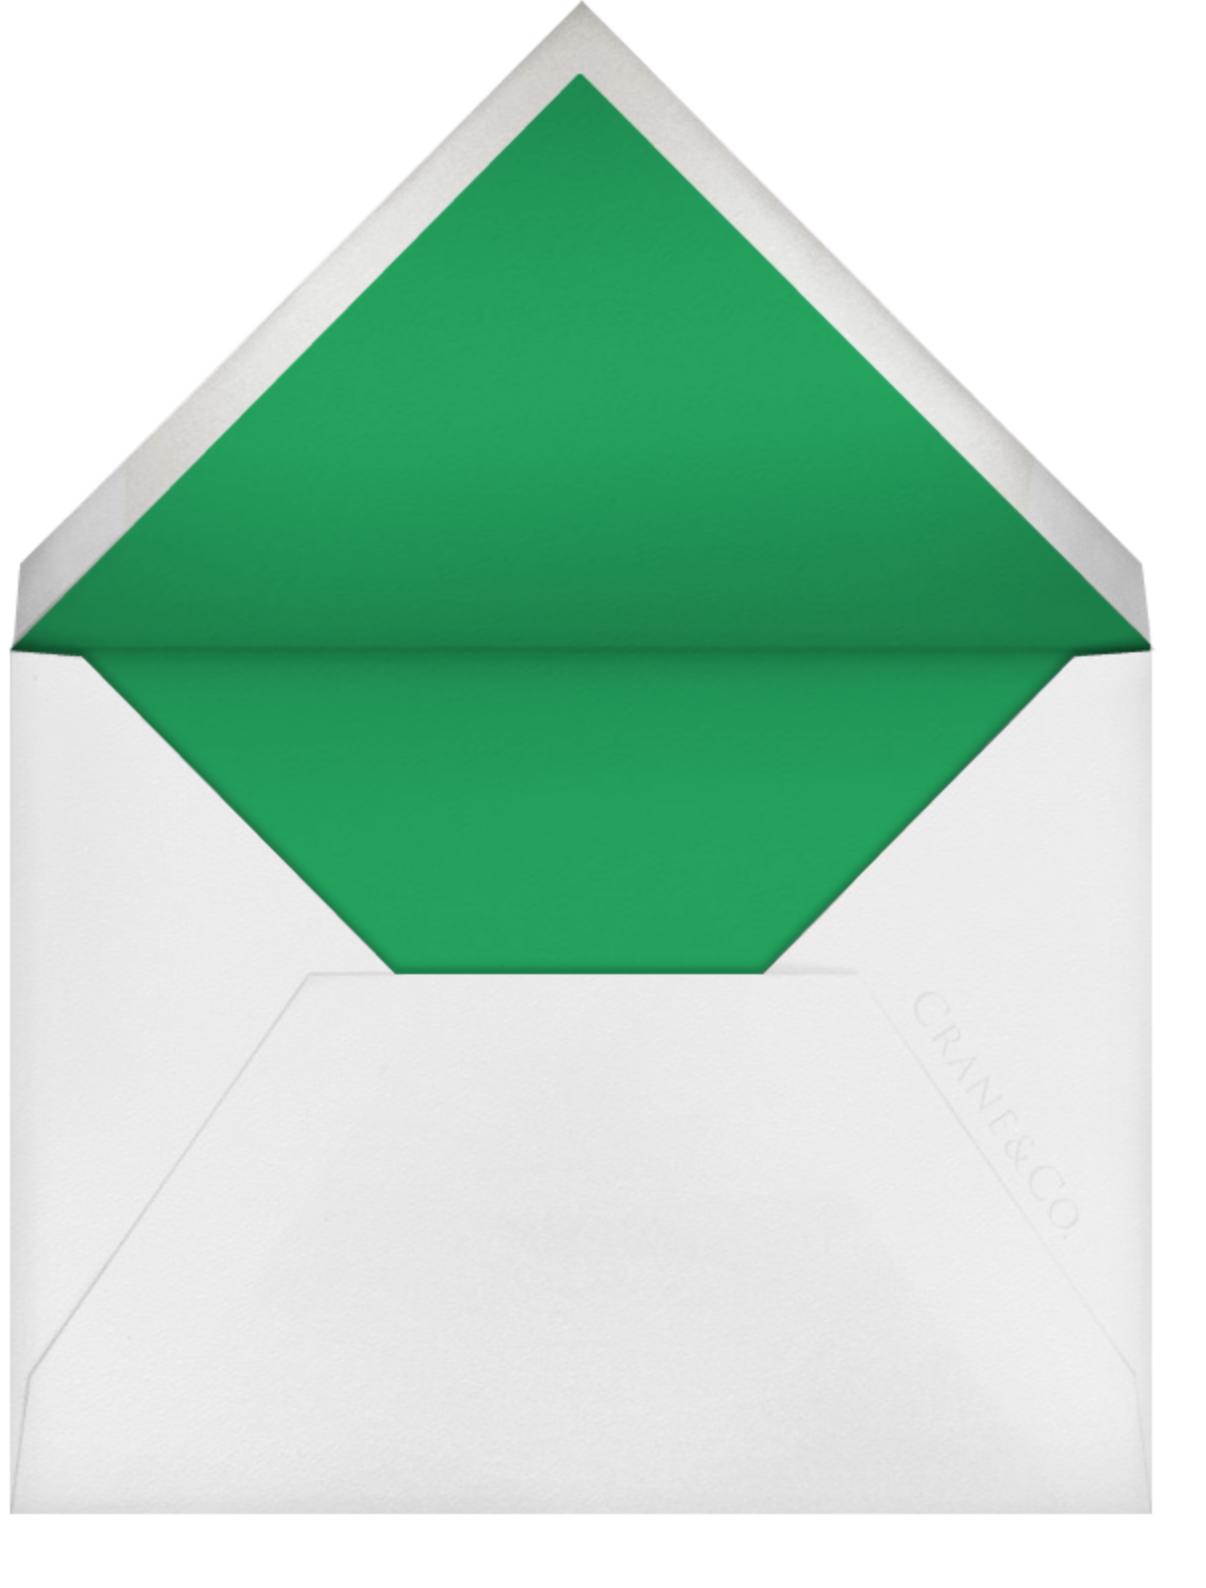 Floral Guipure (Stationery) - Spring Green - Oscar de la Renta - null - envelope back